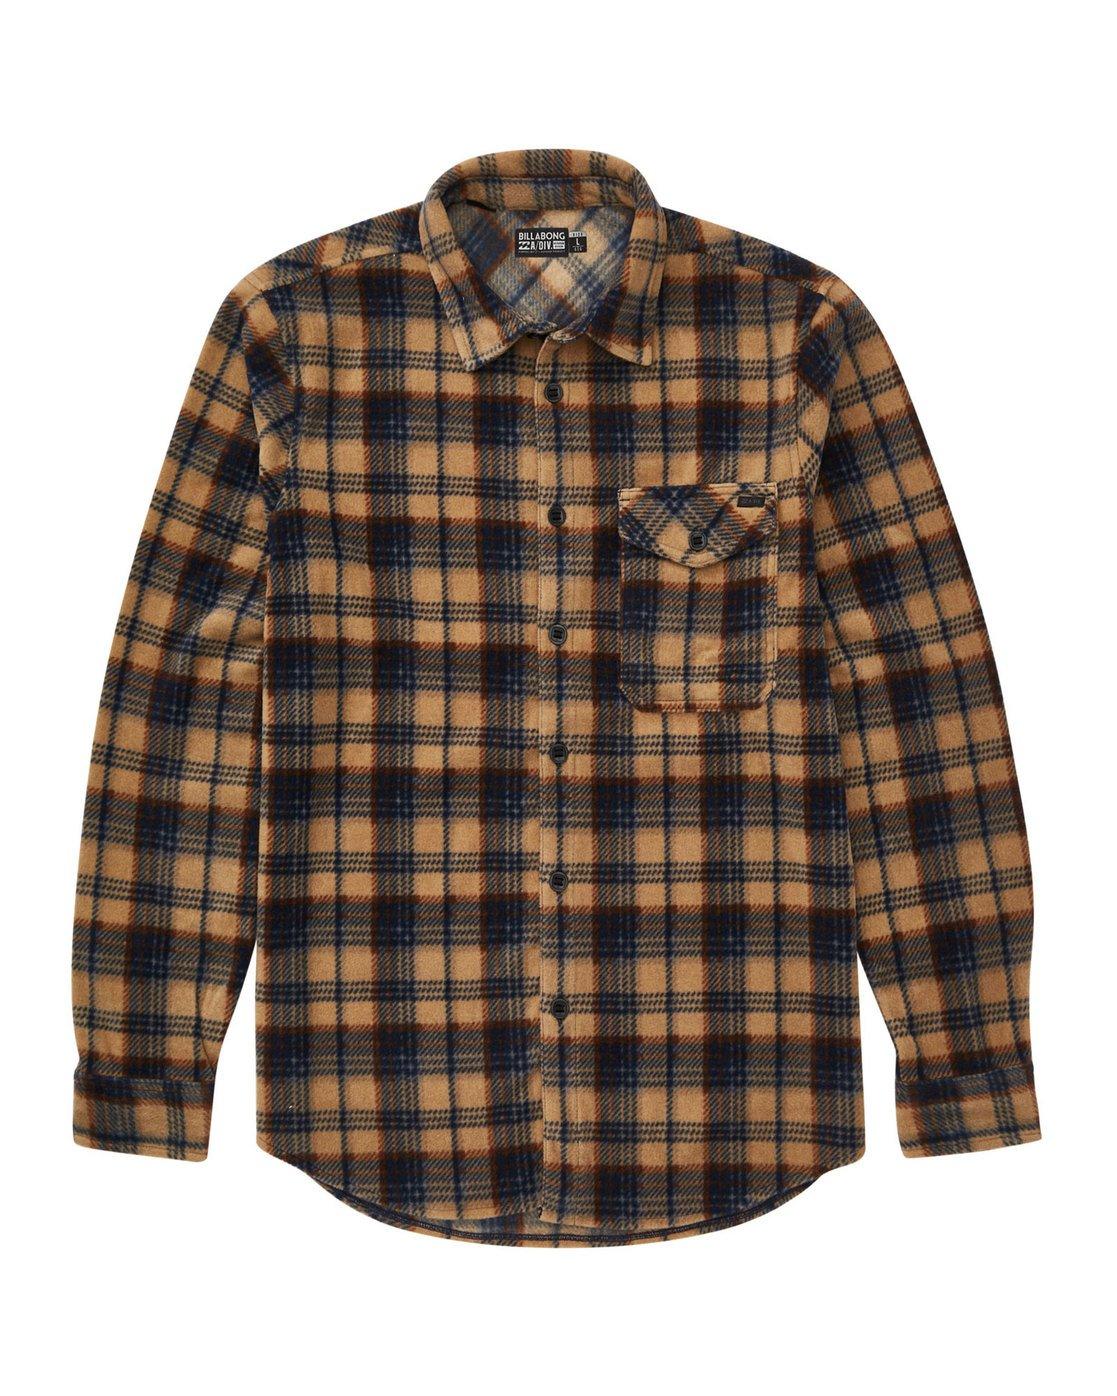 NEW $60 Billabong Men/'s Furnace Flannel Mens Size Large L